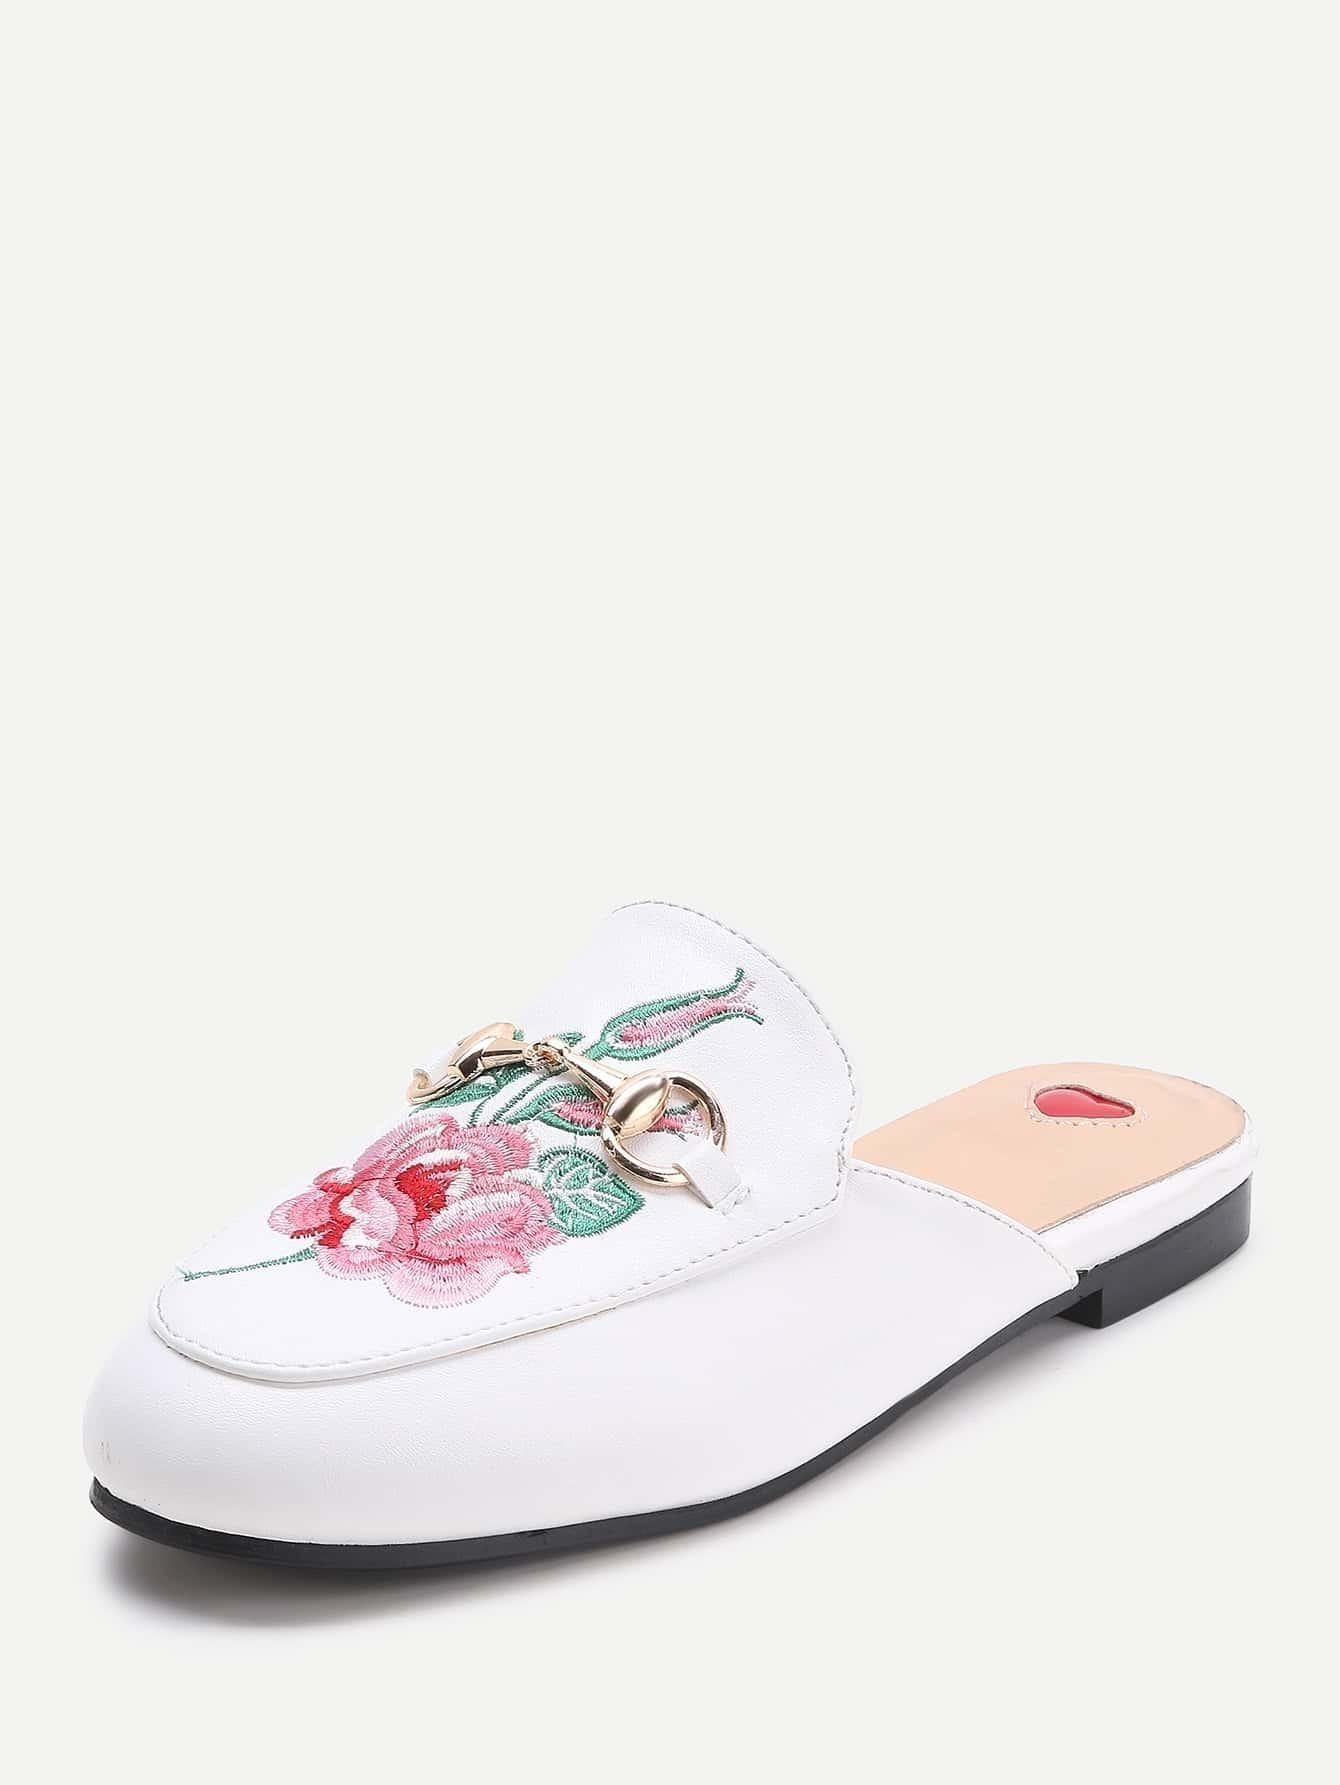 shoes170321807_2